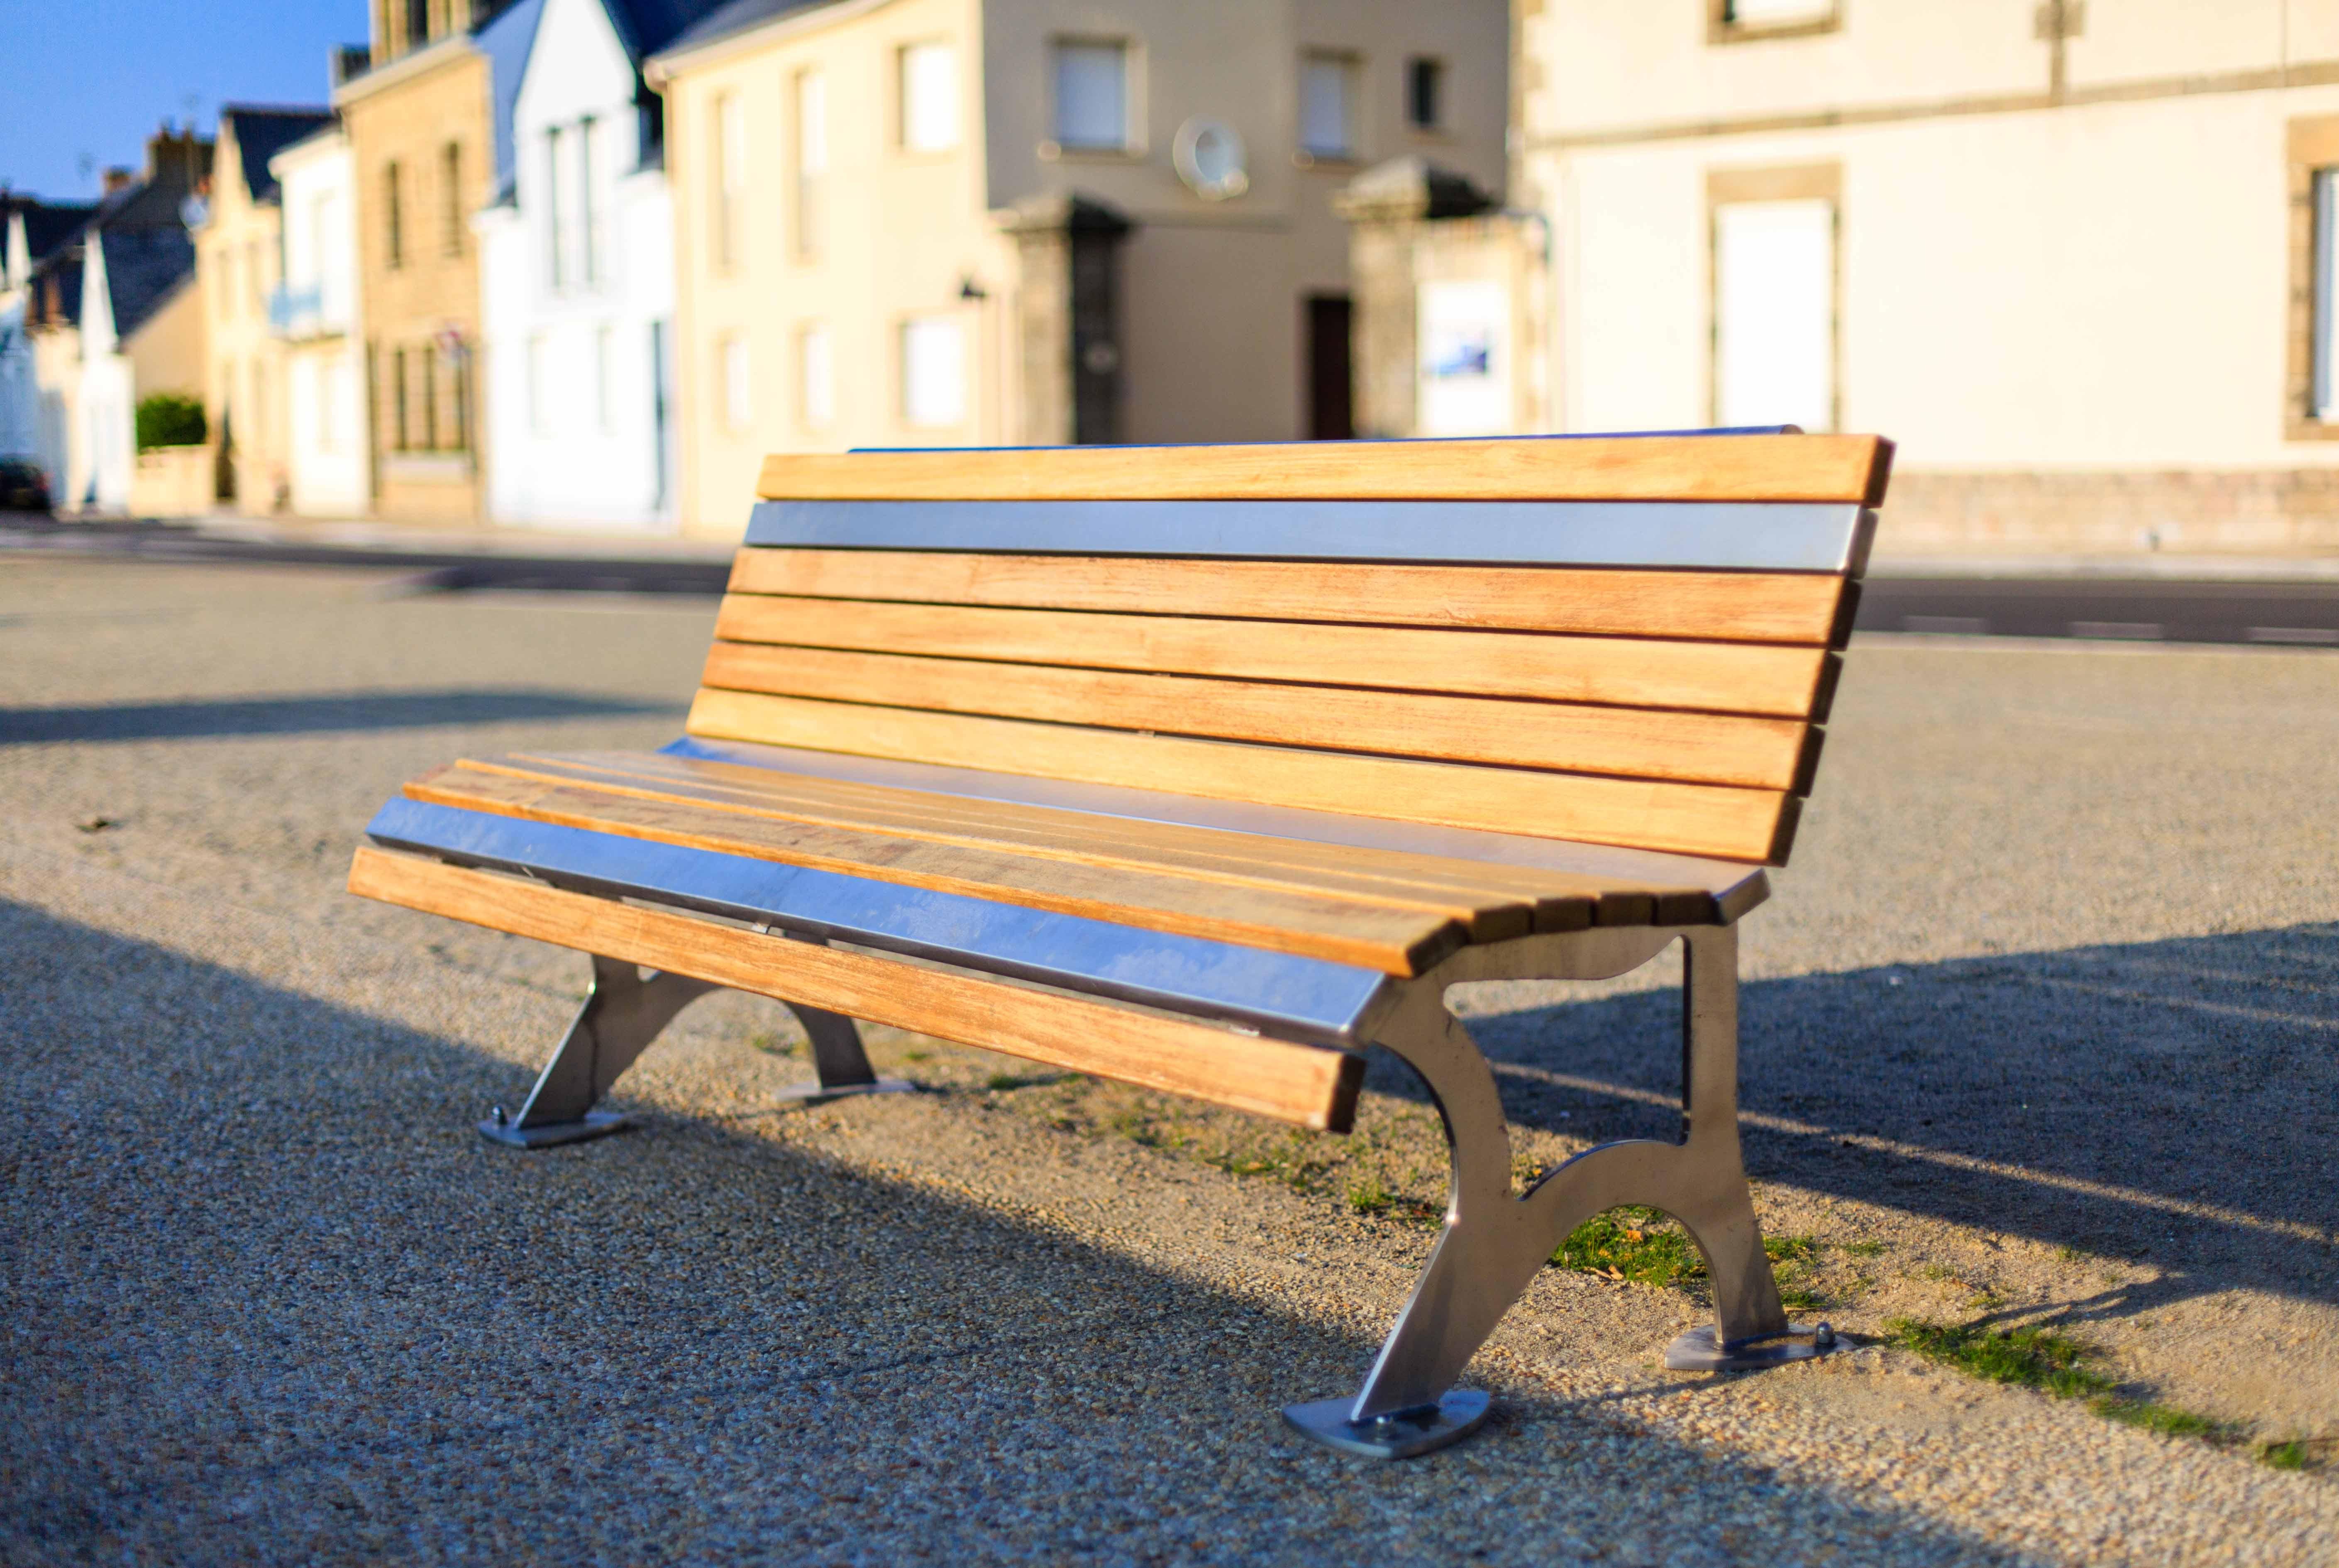 mobilier-urbain-art-design-inox-la-turballe-guerande-labaule